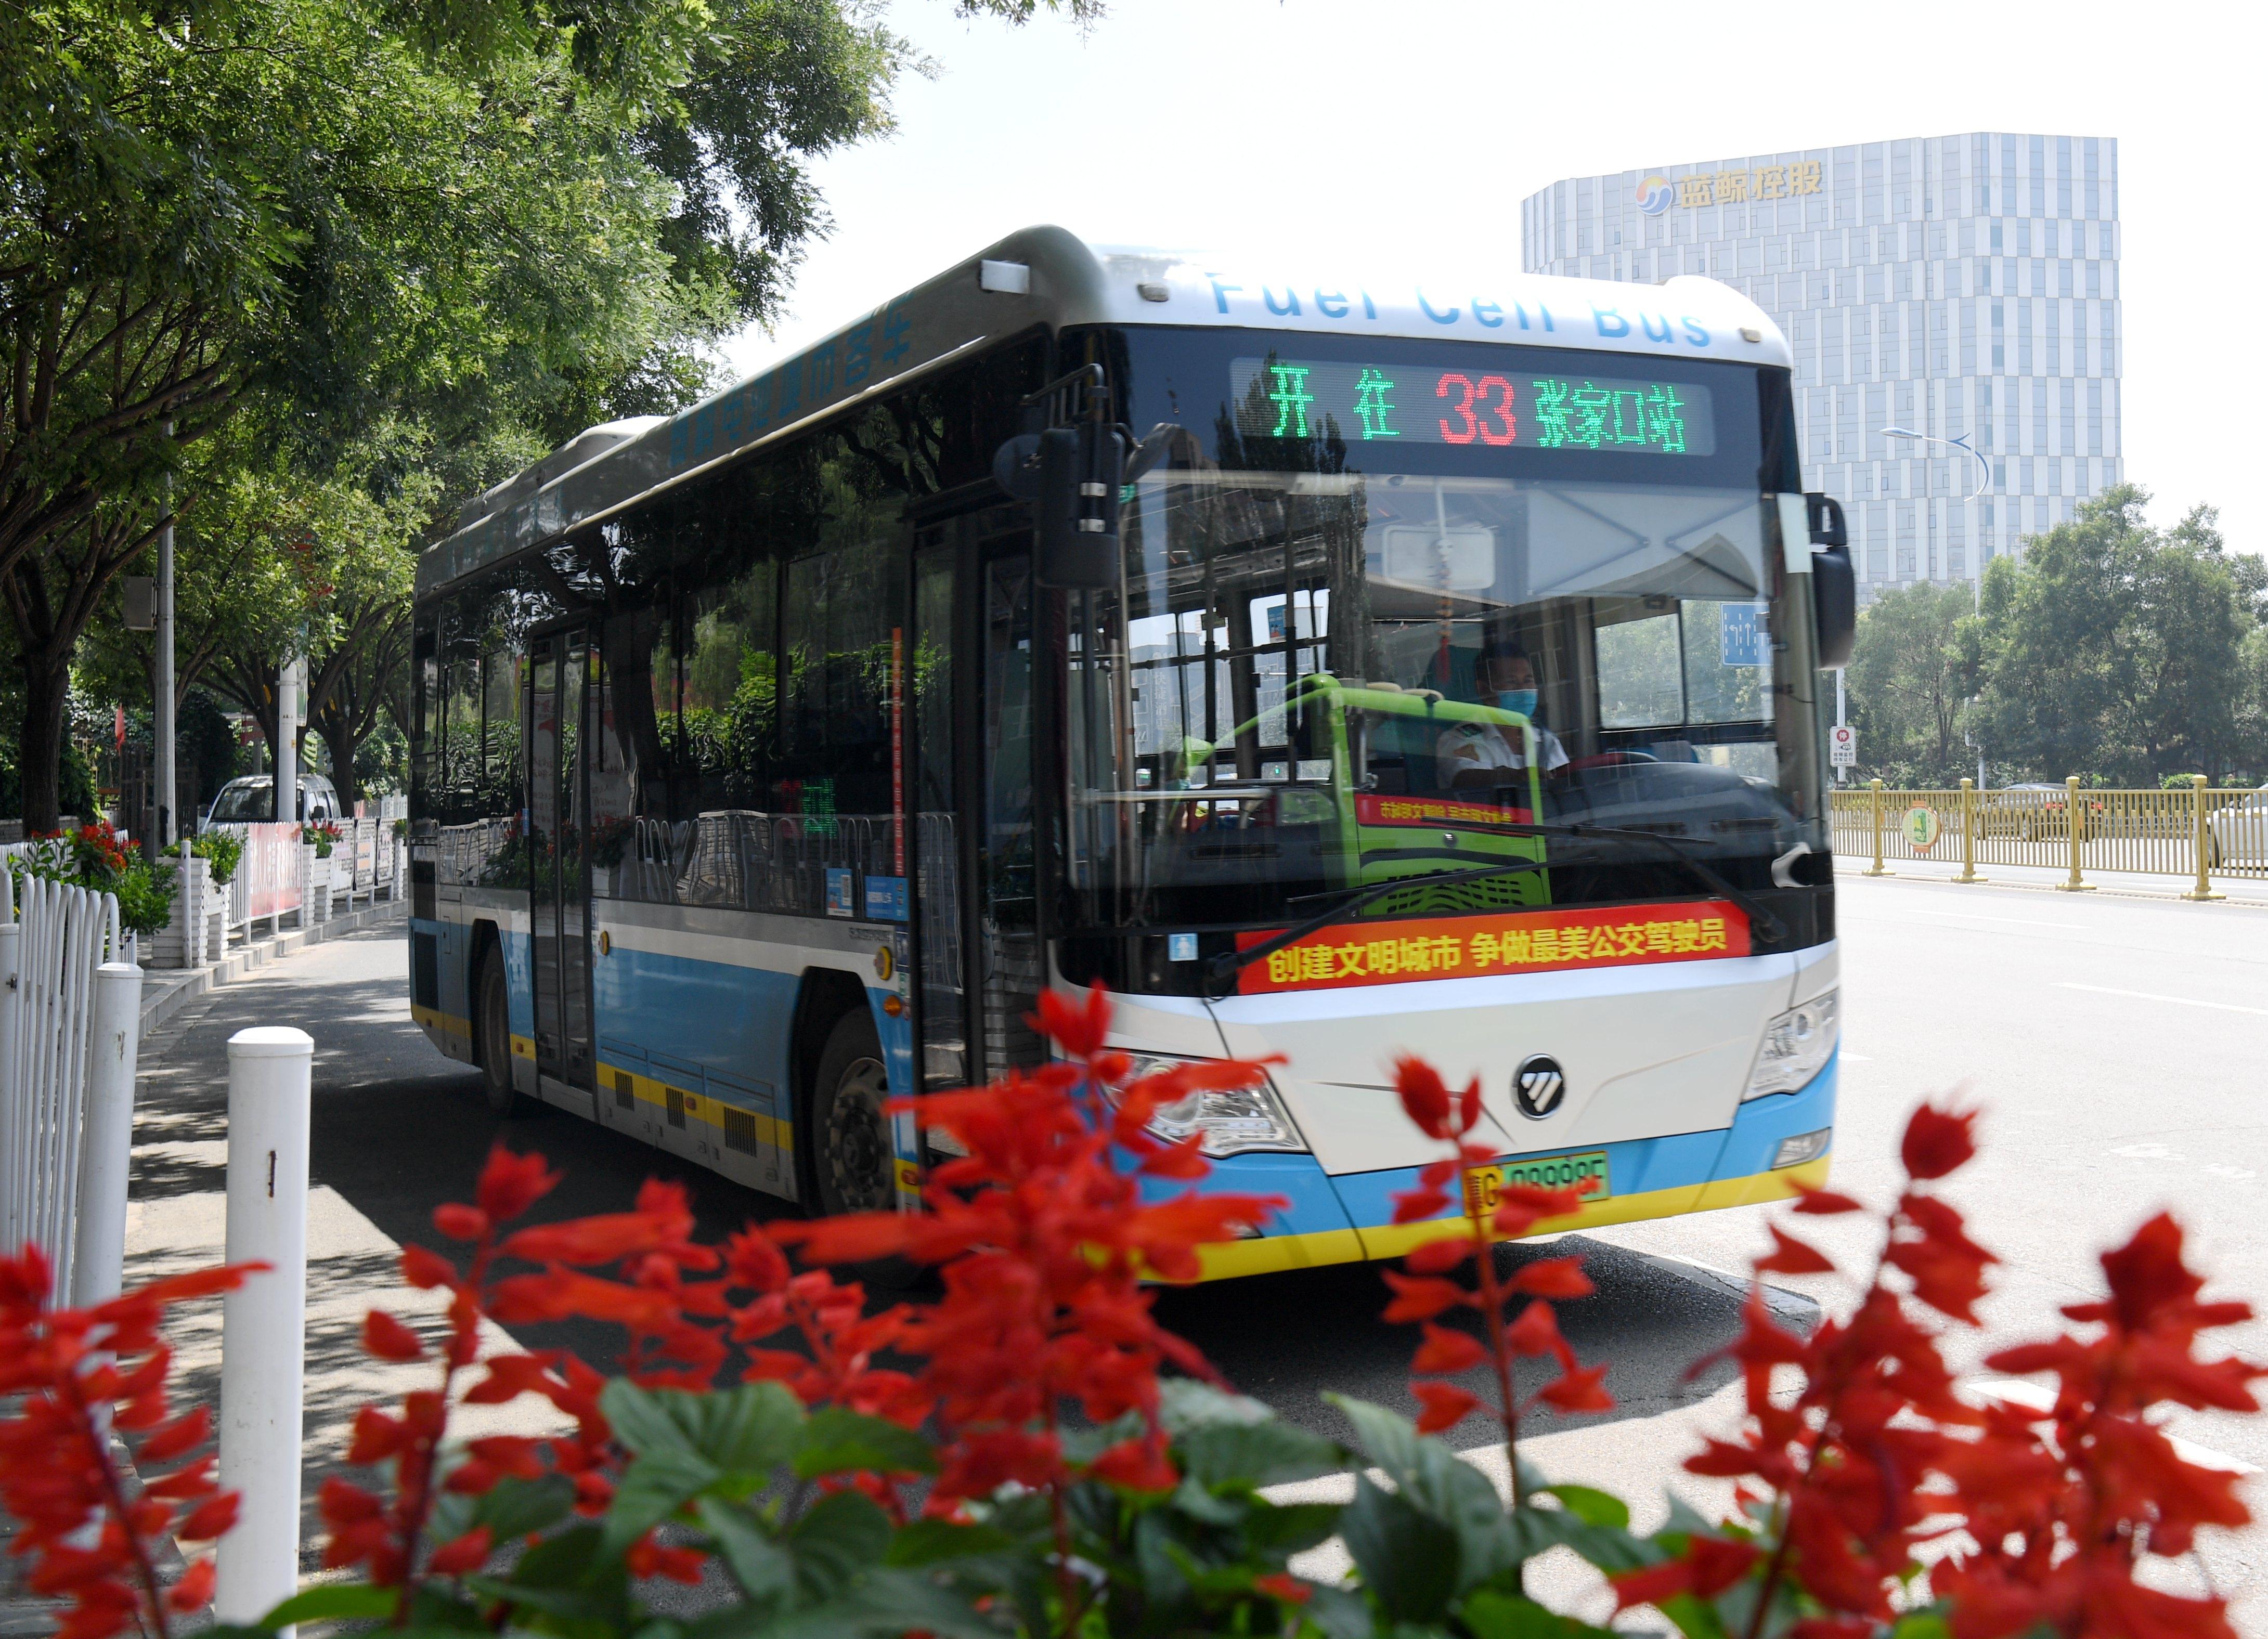 水素燃料電池バスで「環境に配慮した五輪」を目指す 中国・張家口市